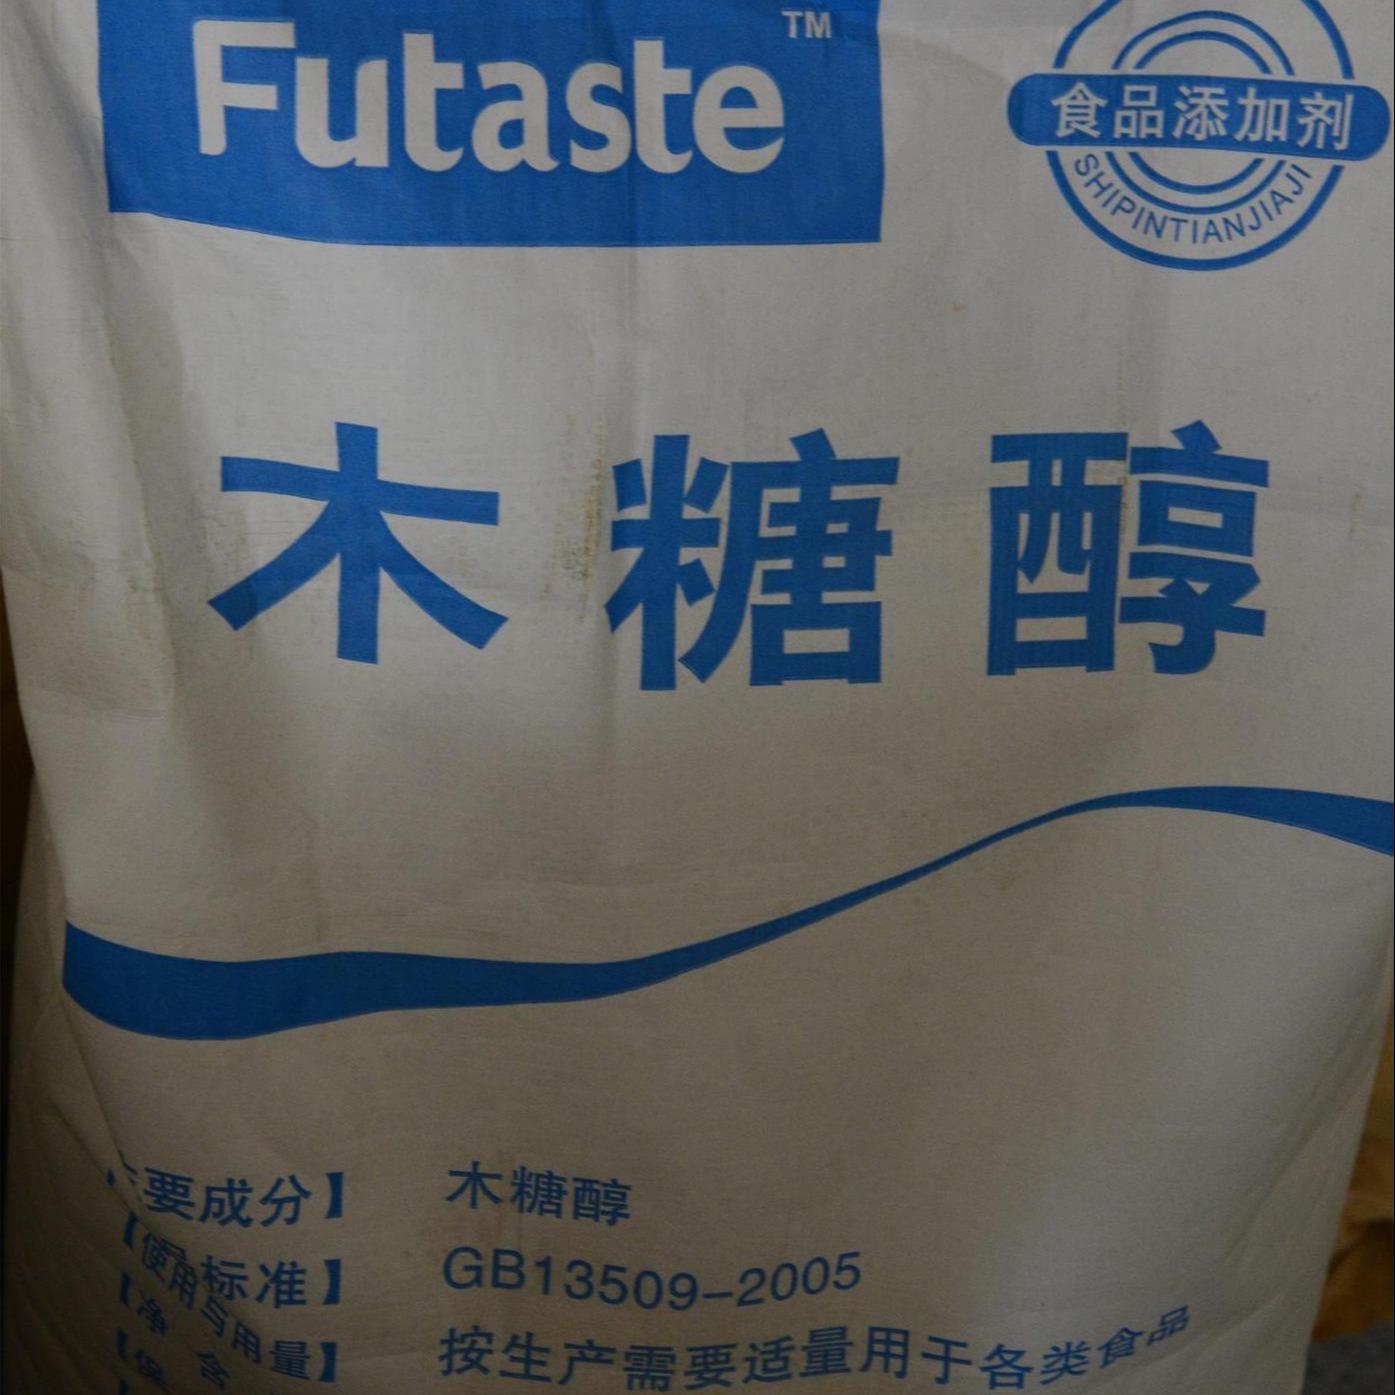 木糖醇生产厂家 食品级木糖醇价格